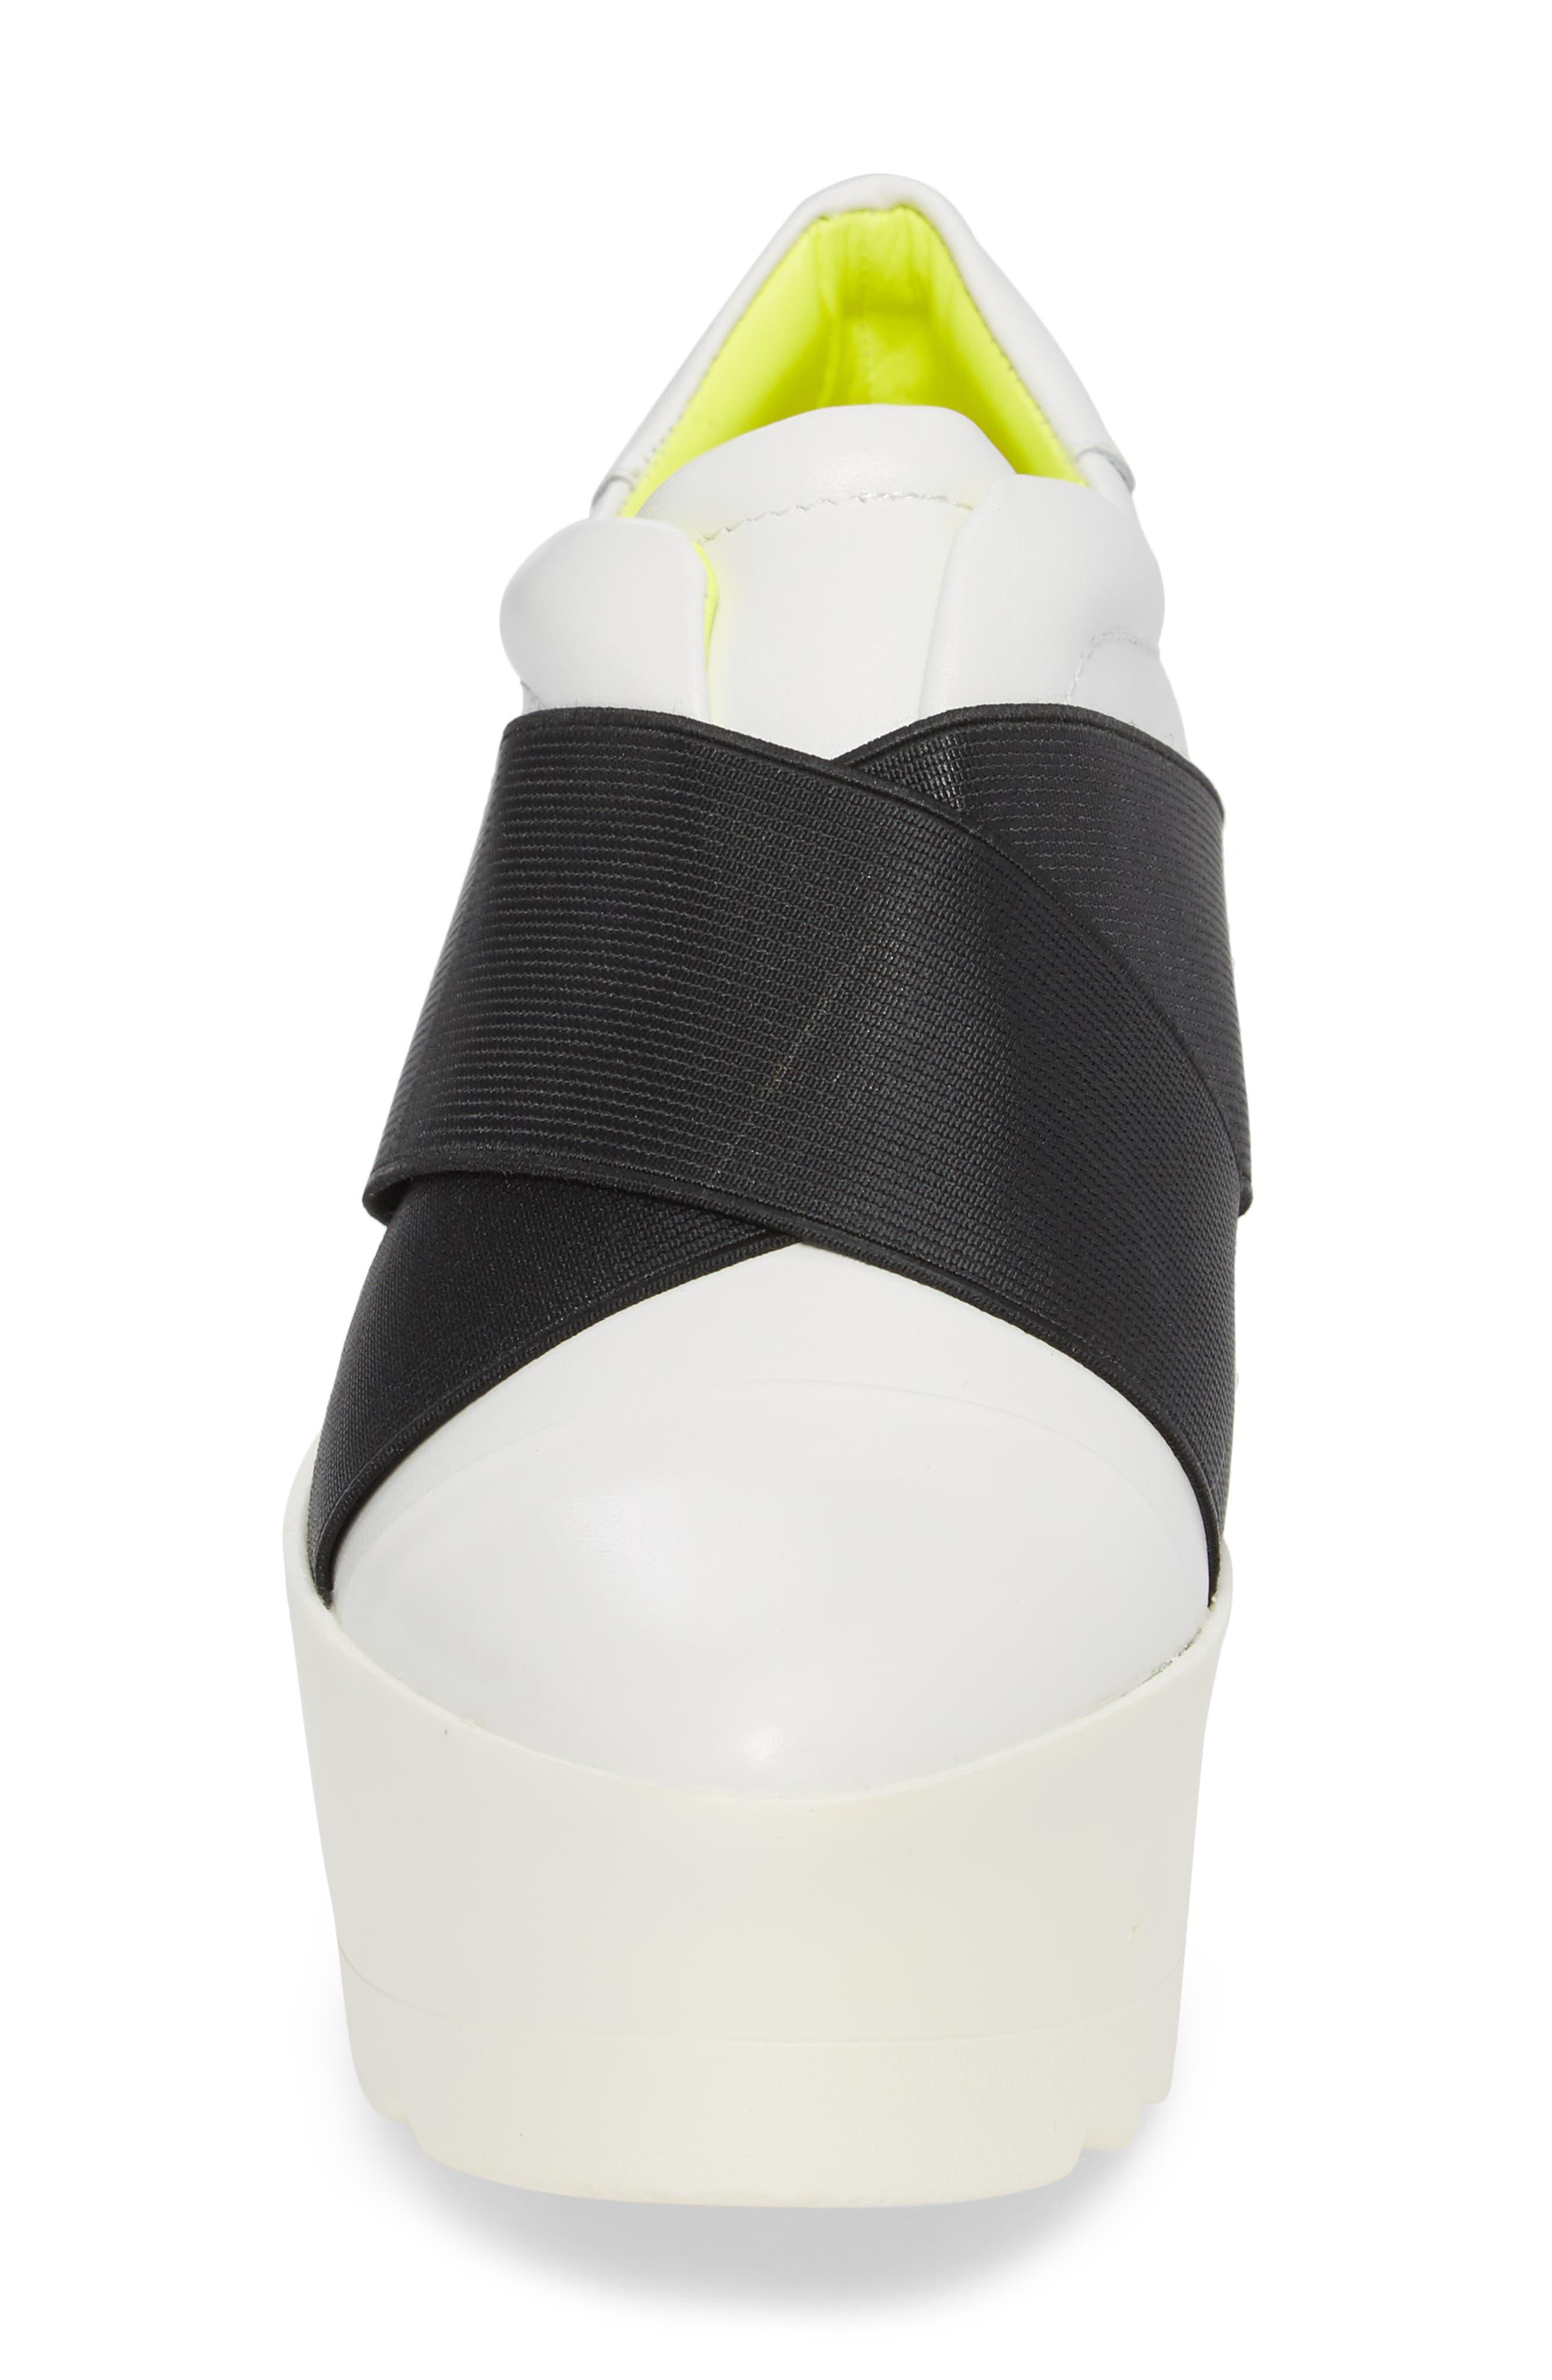 Tasha Platform Slip-On Sneaker,                             Alternate thumbnail 4, color,                             White Leather